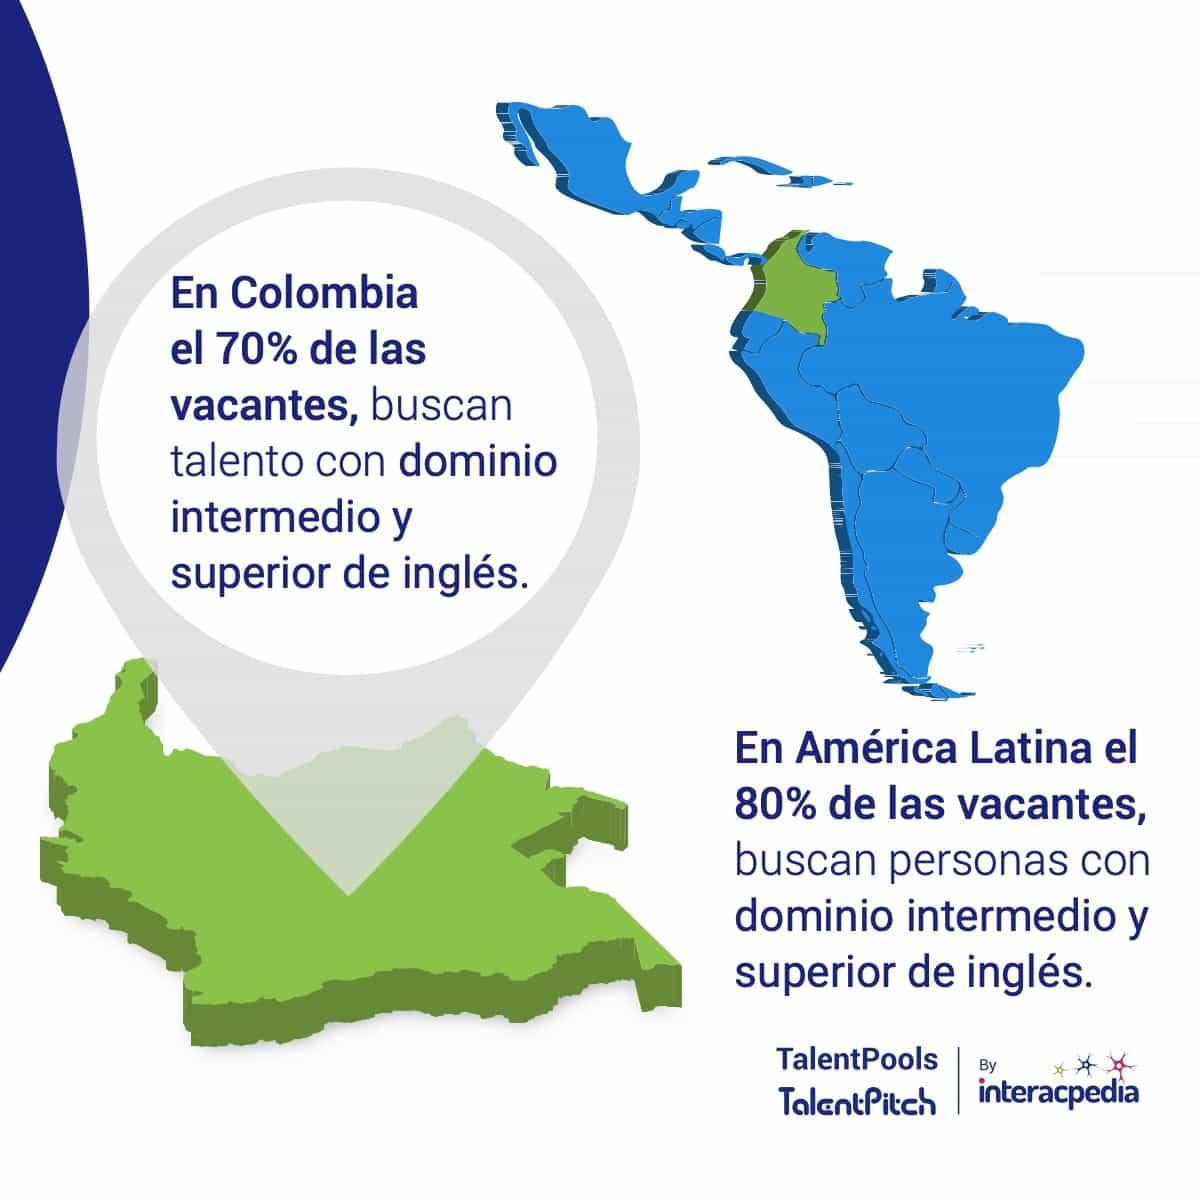 [Infografía] El COVID-19 agudizó la demanda de talento TI en Colombia 9